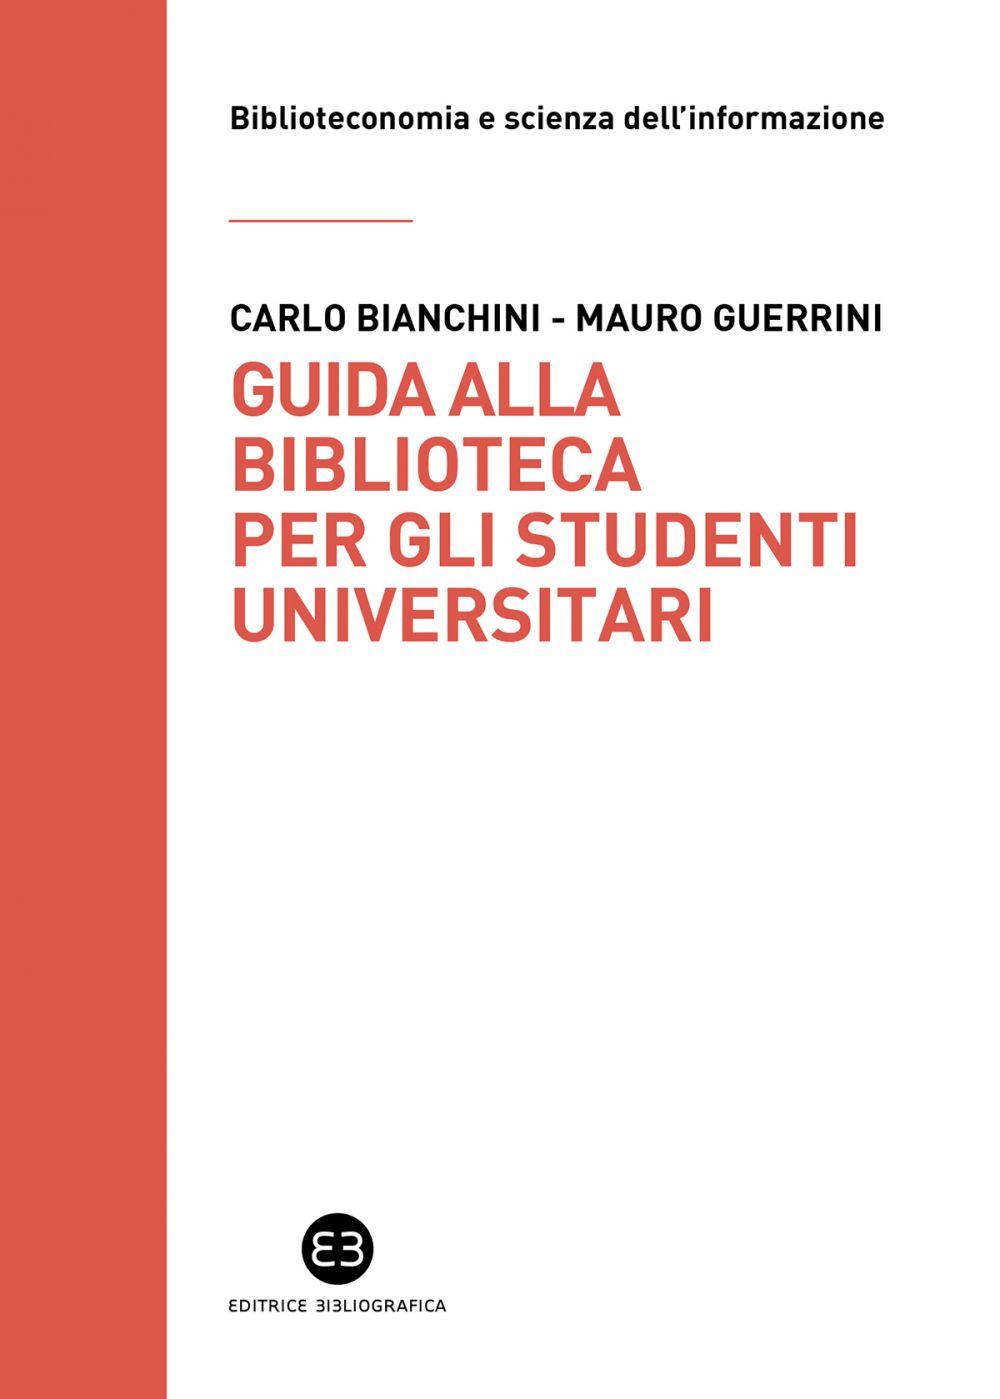 Guida alla biblioteca per gli studenti universitari